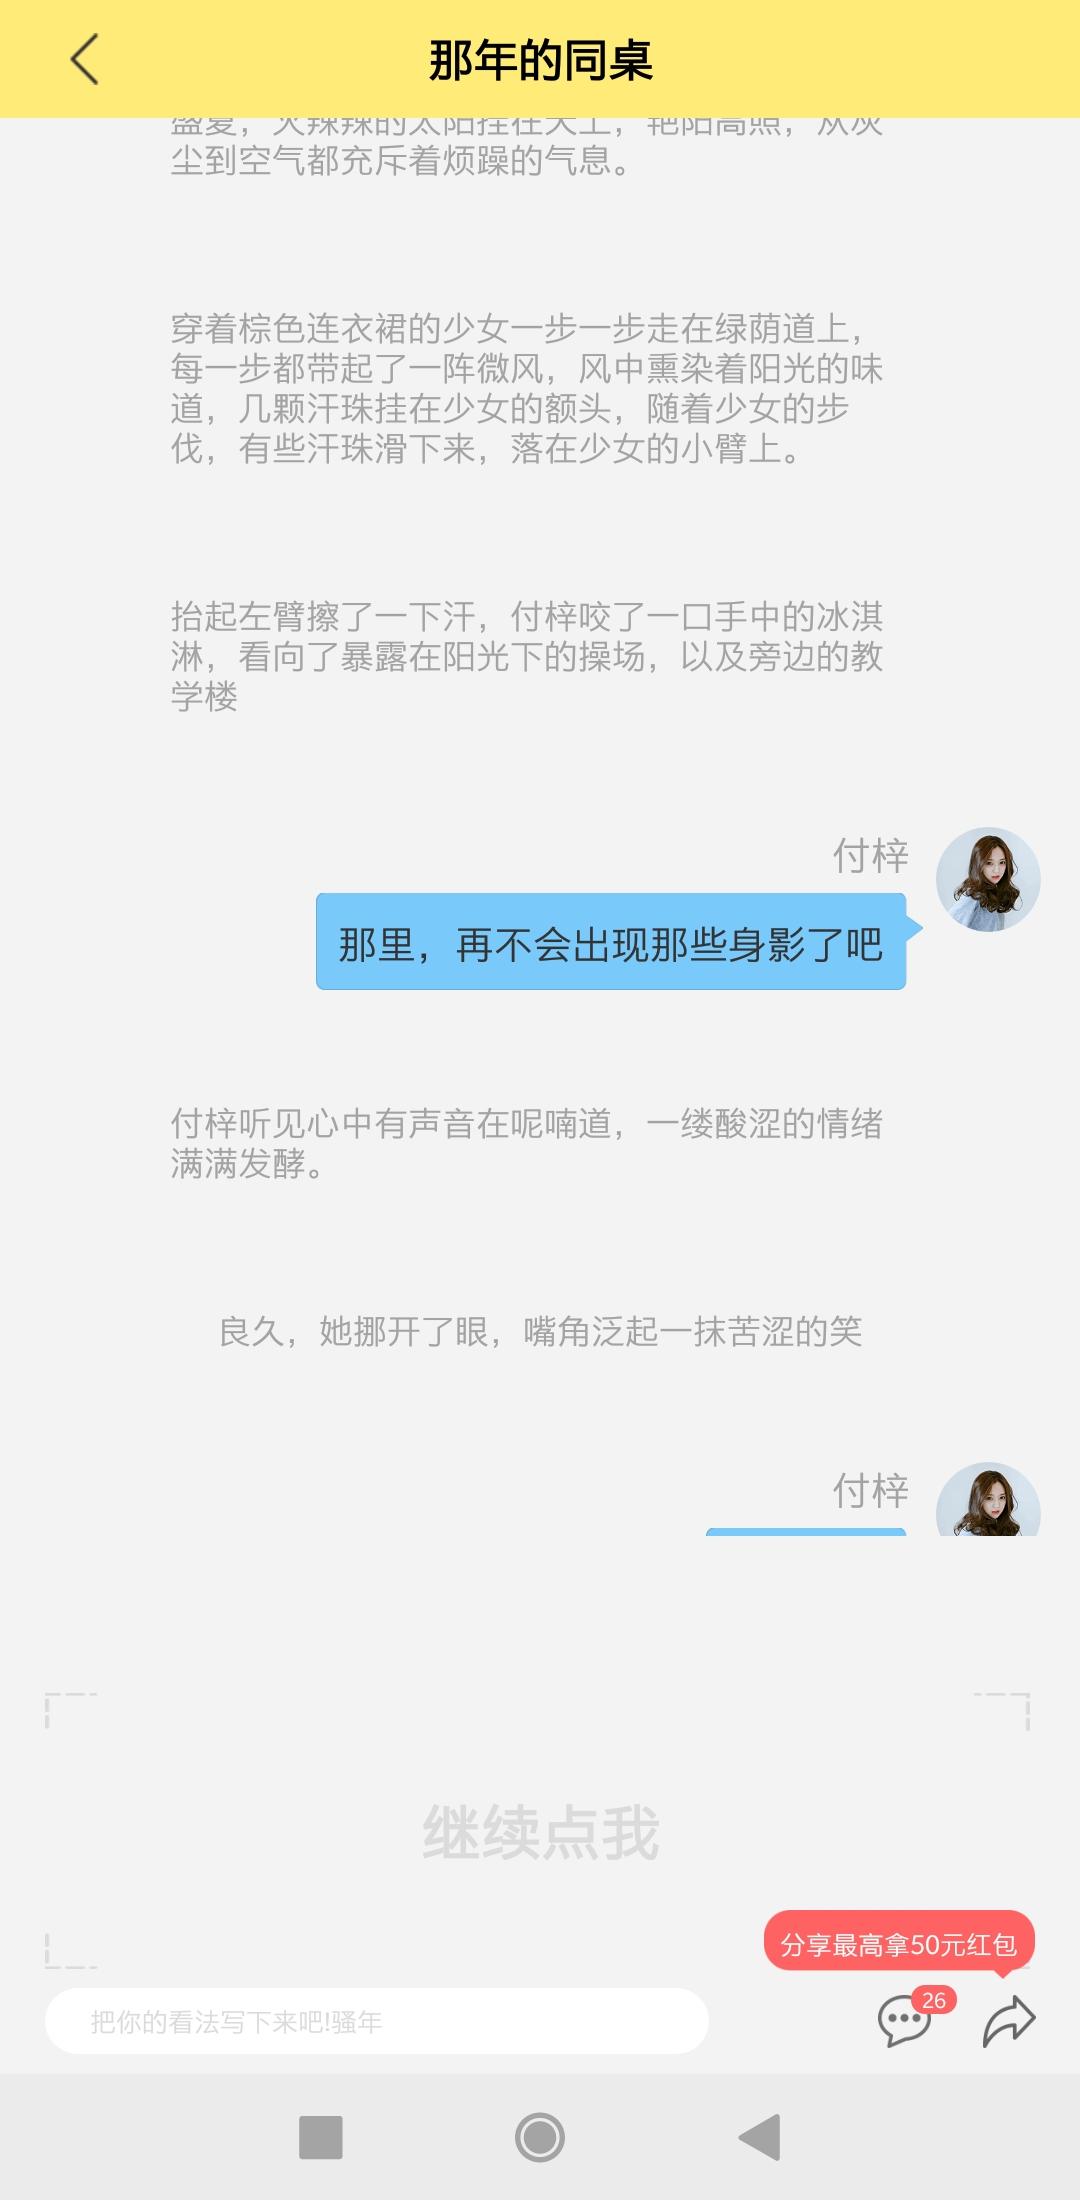 Screenshot_20180626-214534.jpg